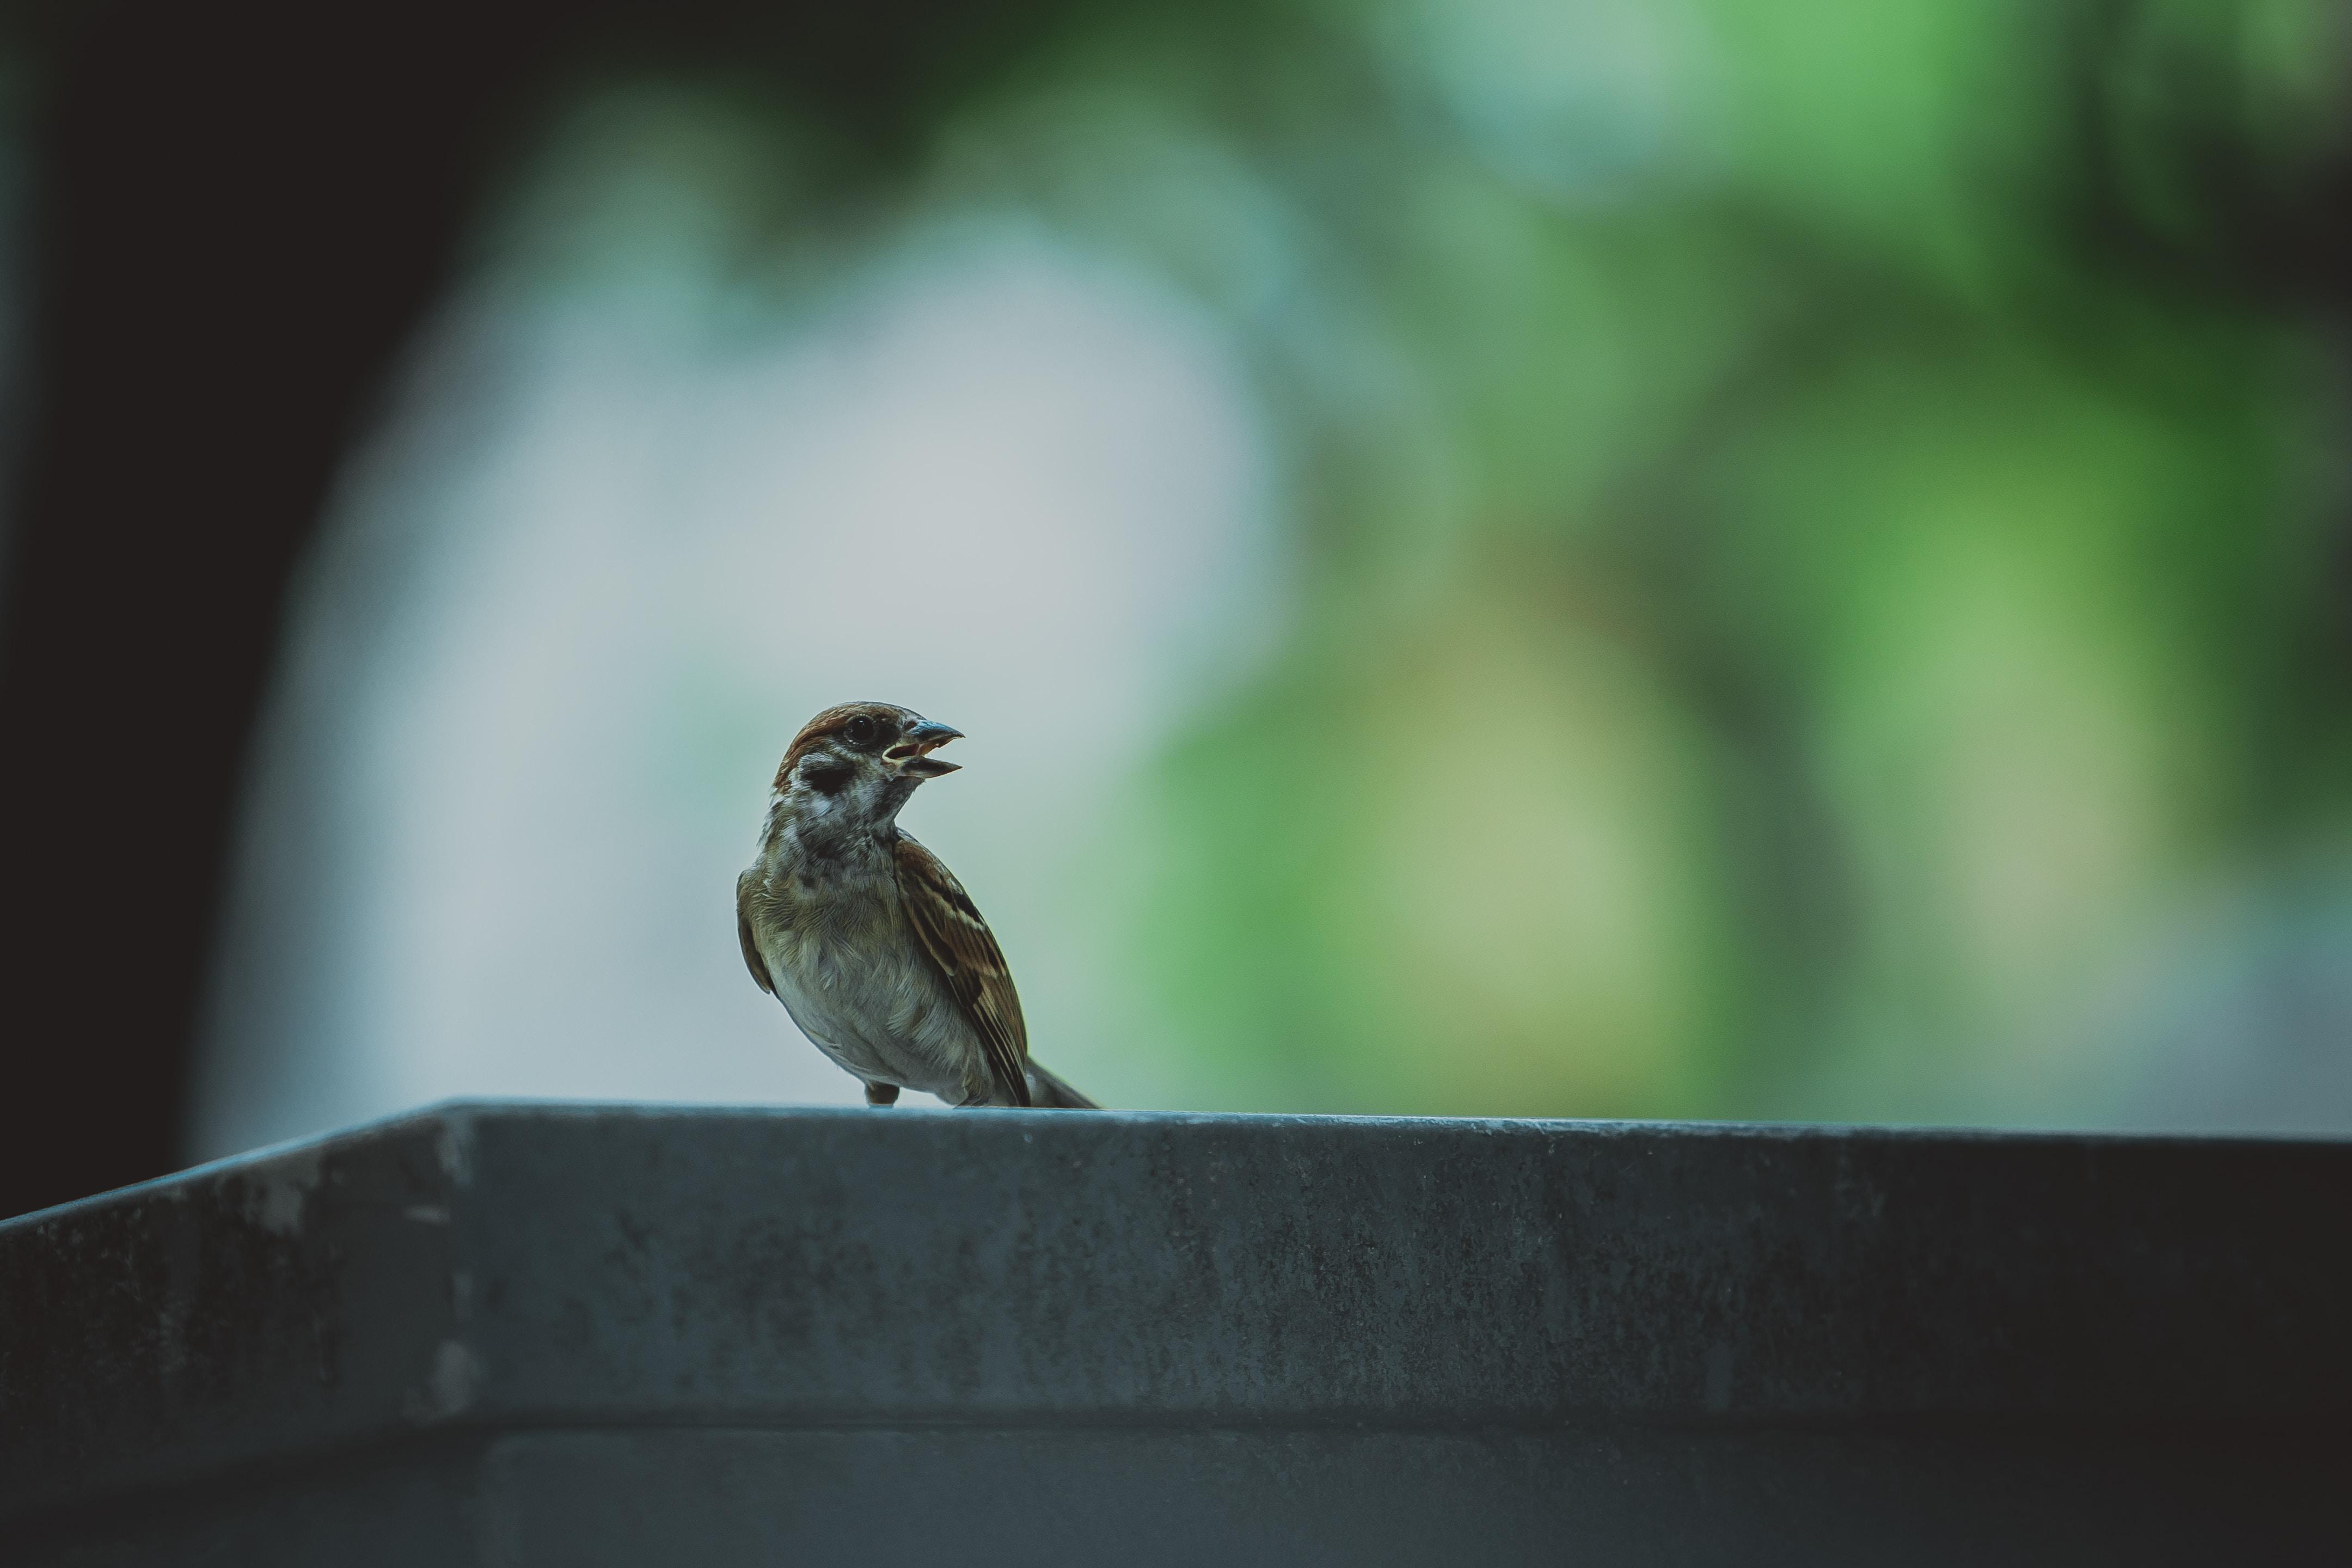 shallow focus photo of brown bird